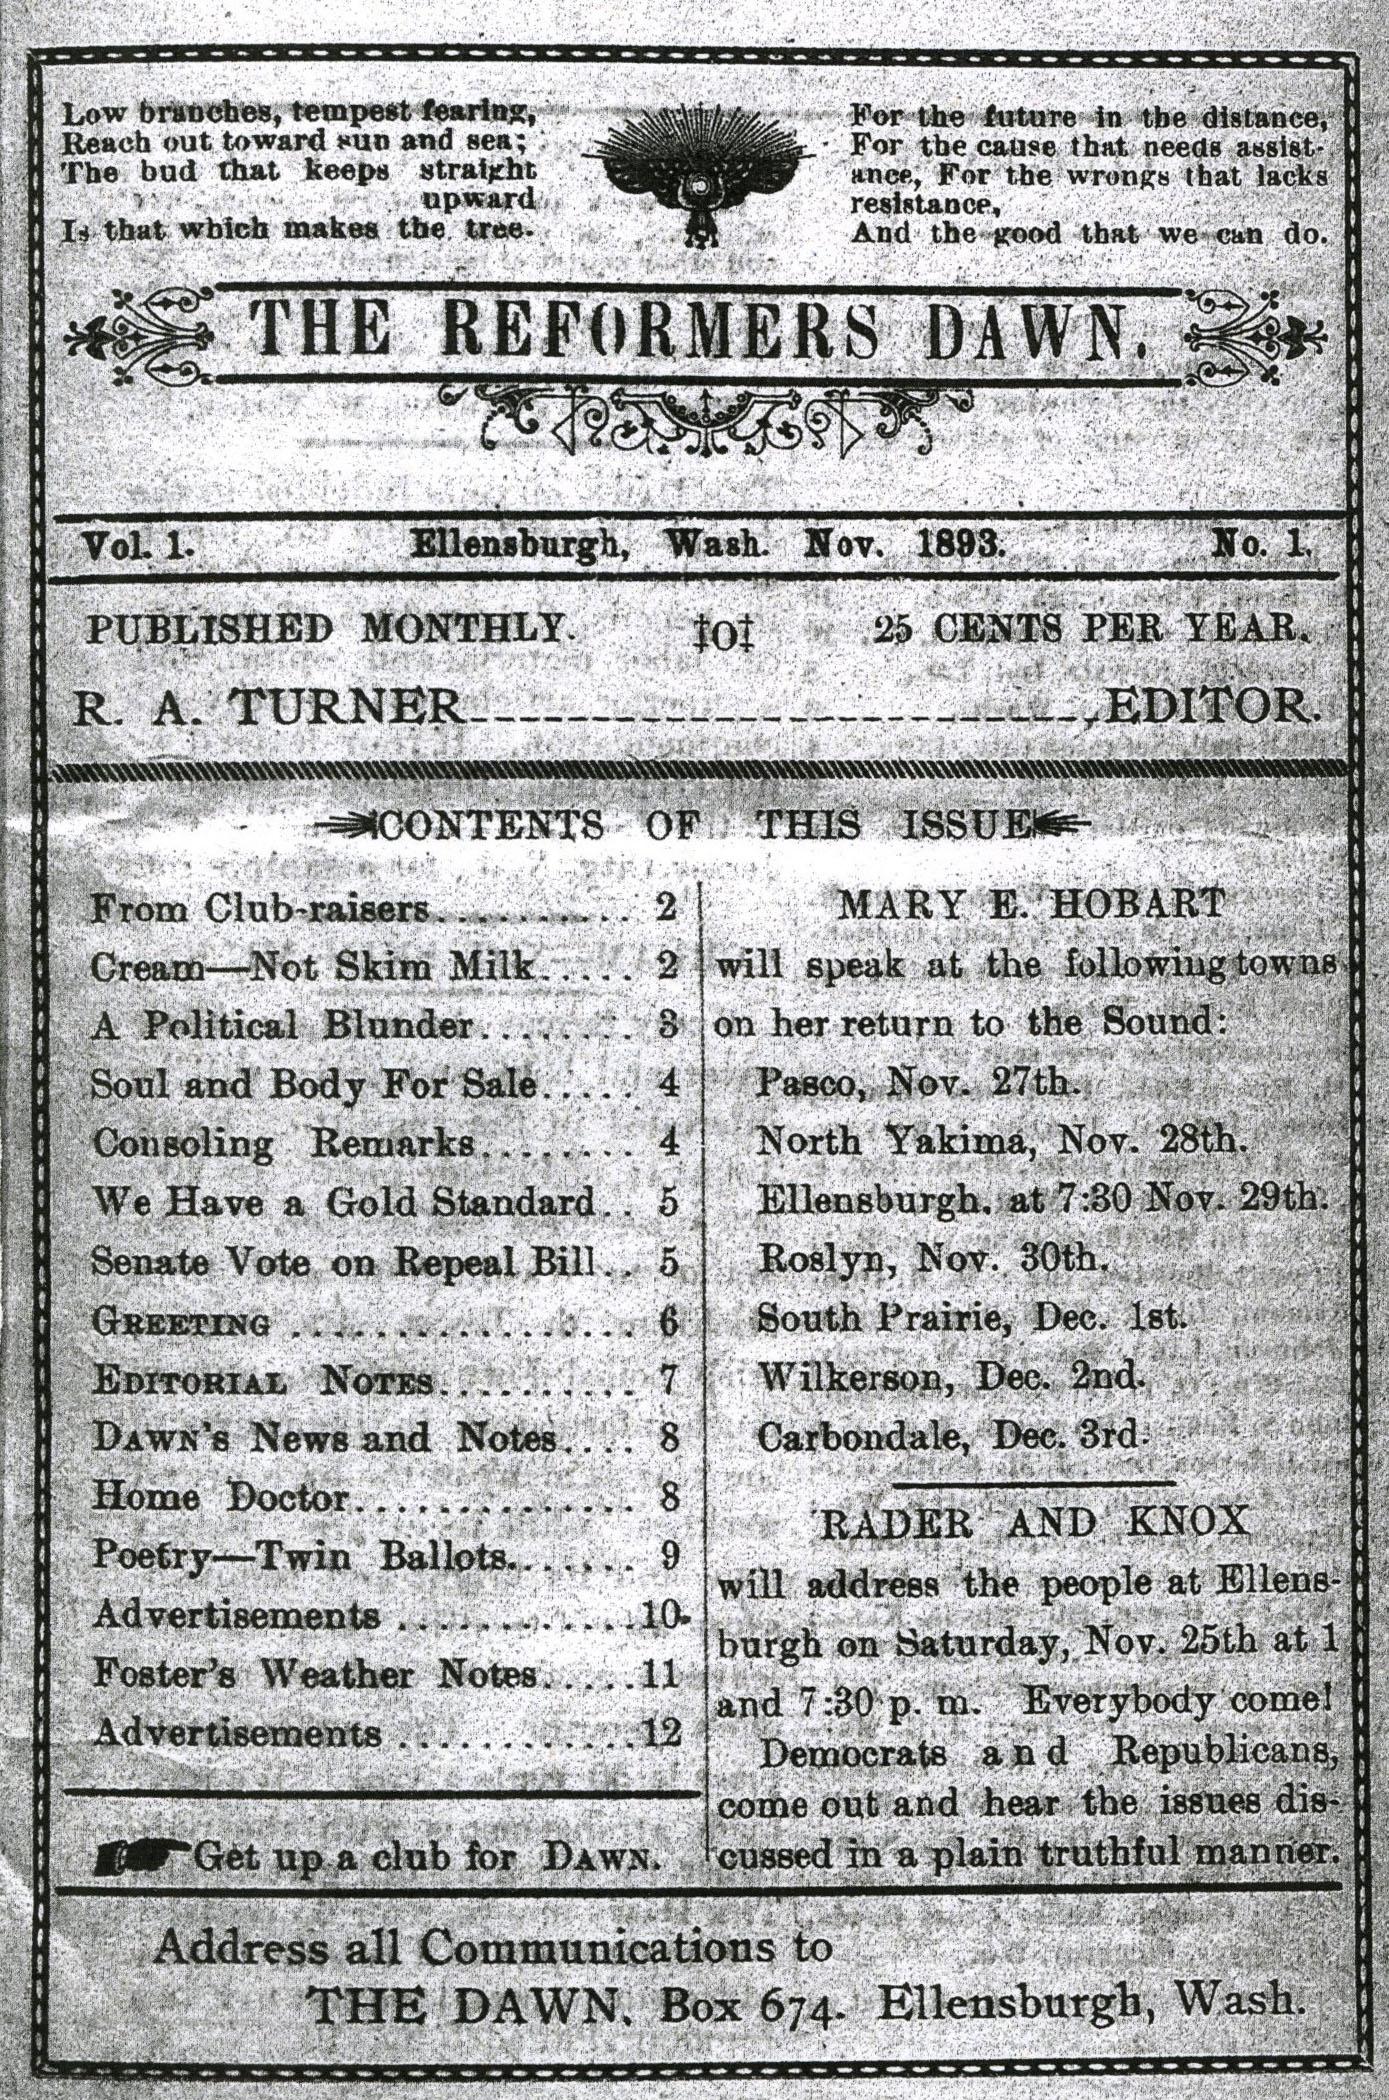 ReformersDawn_Nov1893